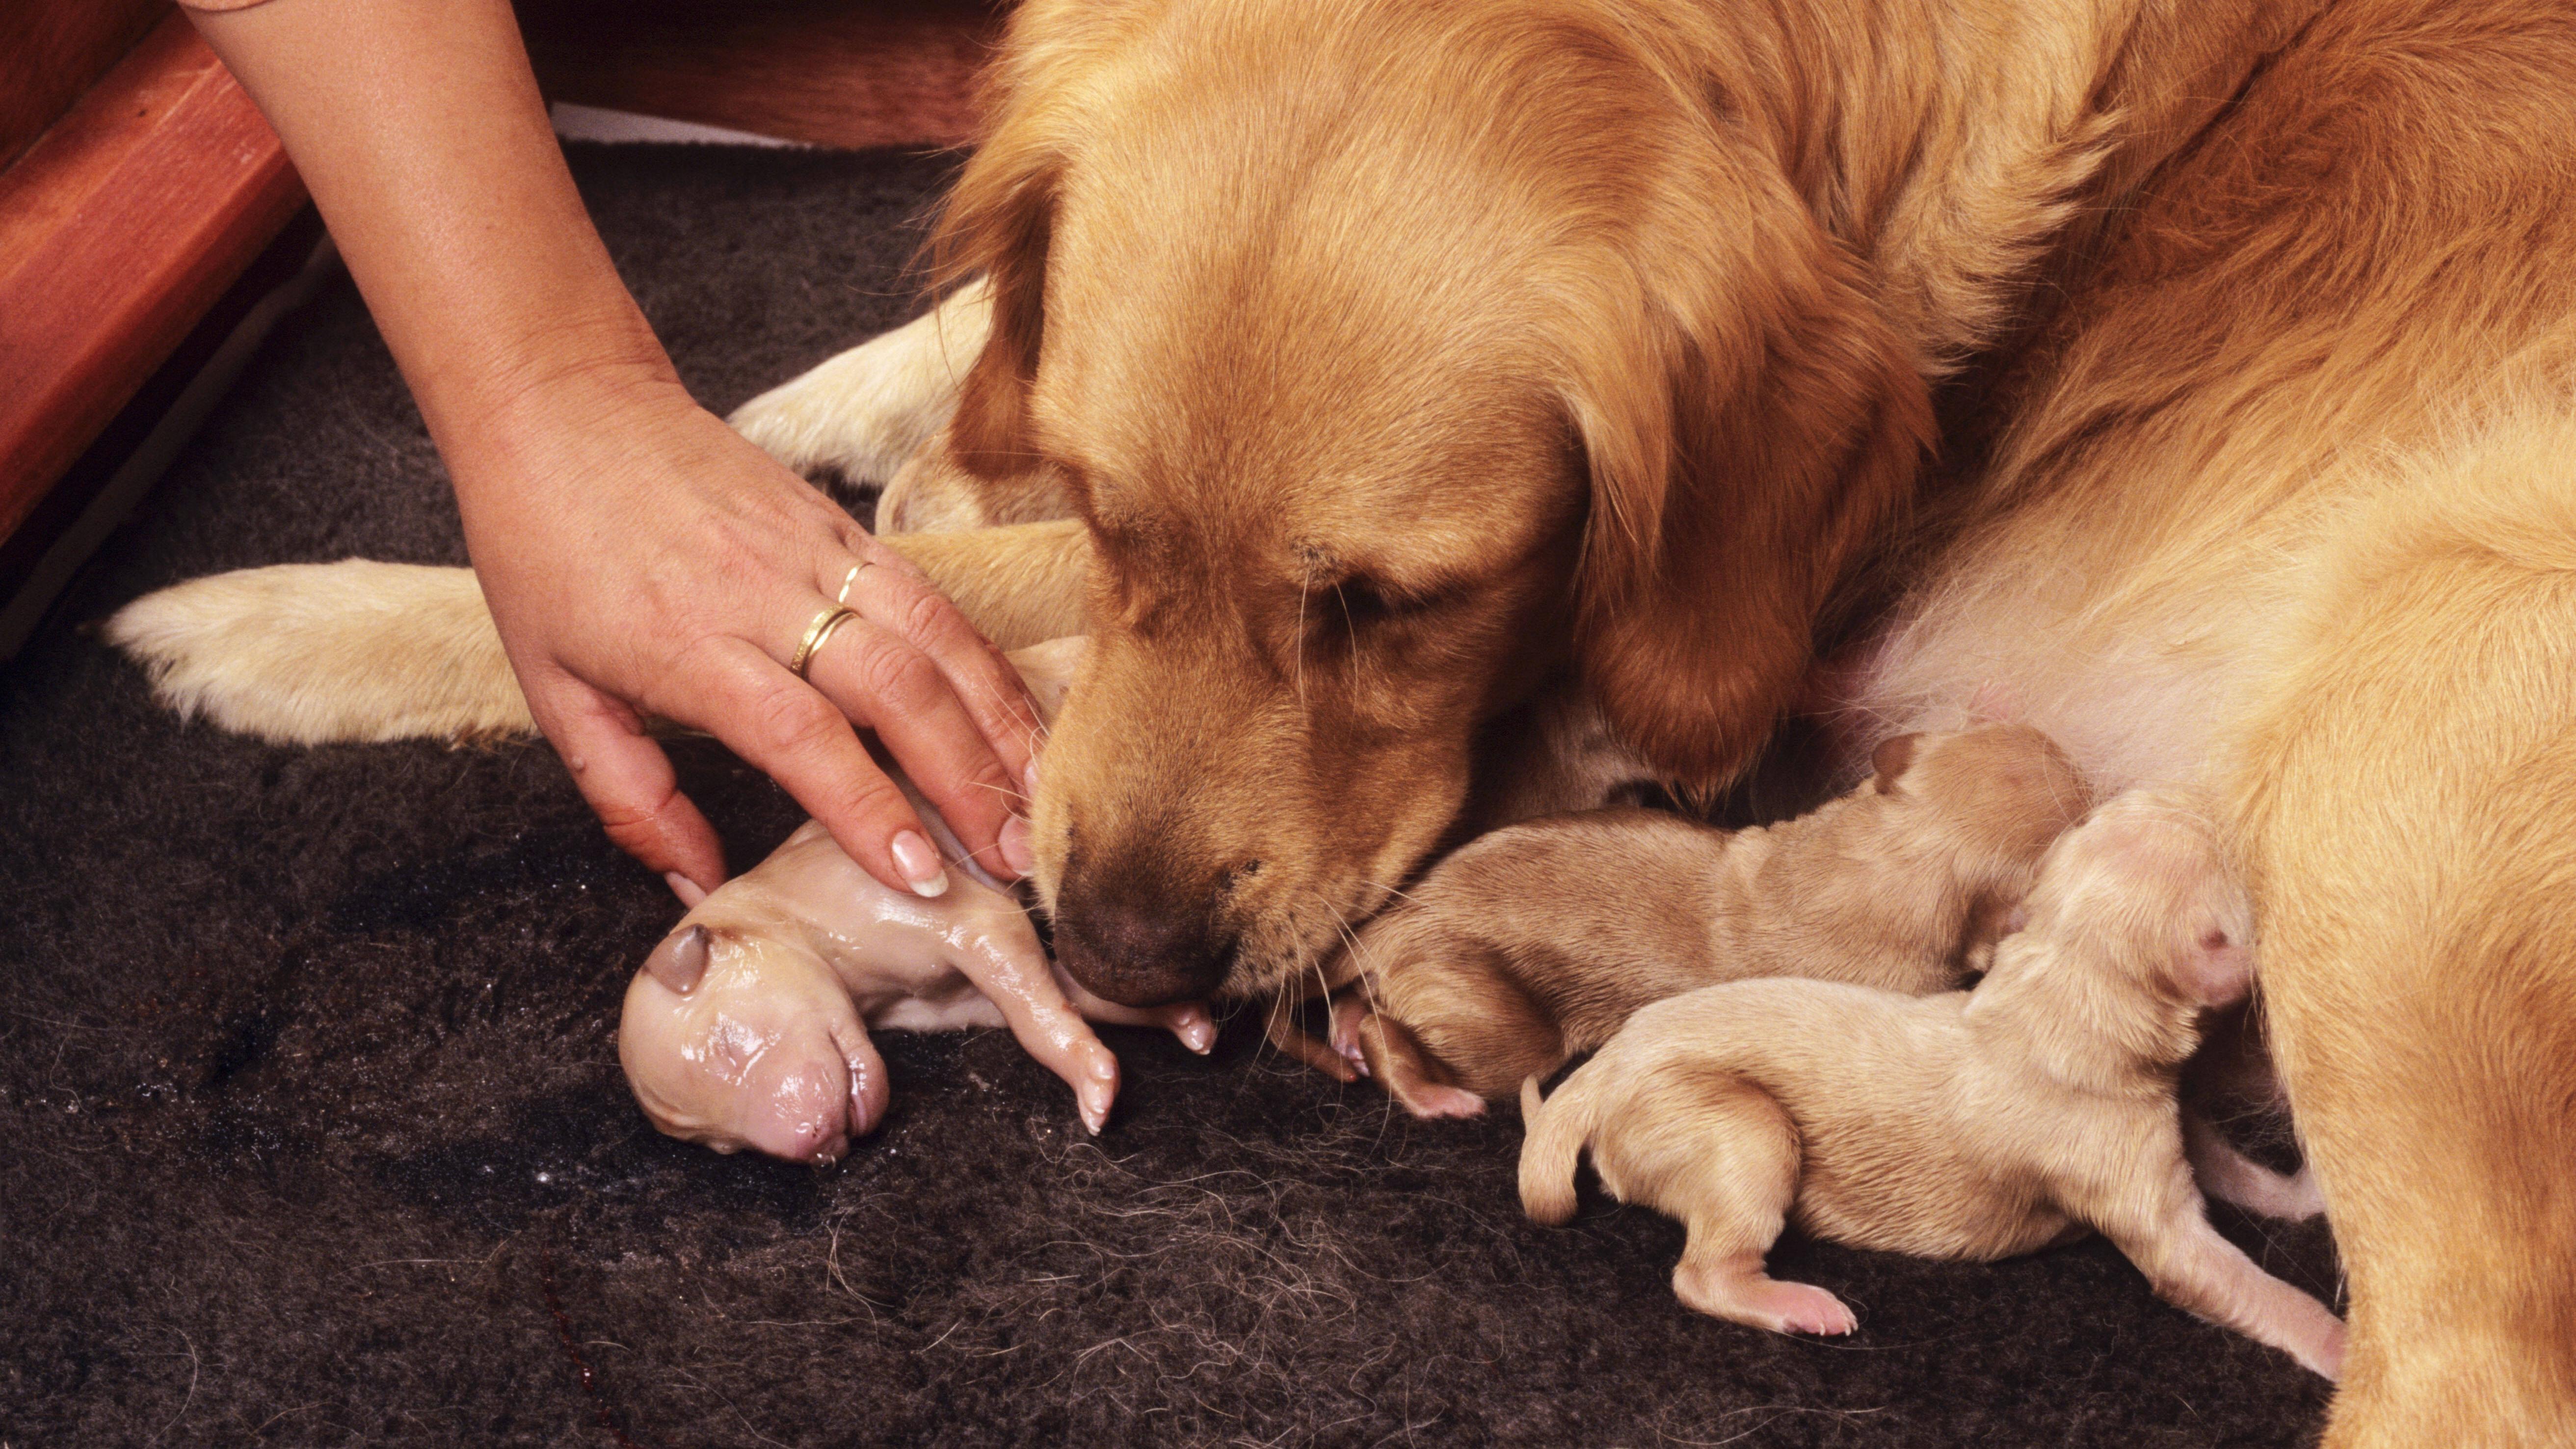 Geburt bei Hunden: Wie Sie die Hundegeburt unterstützen können